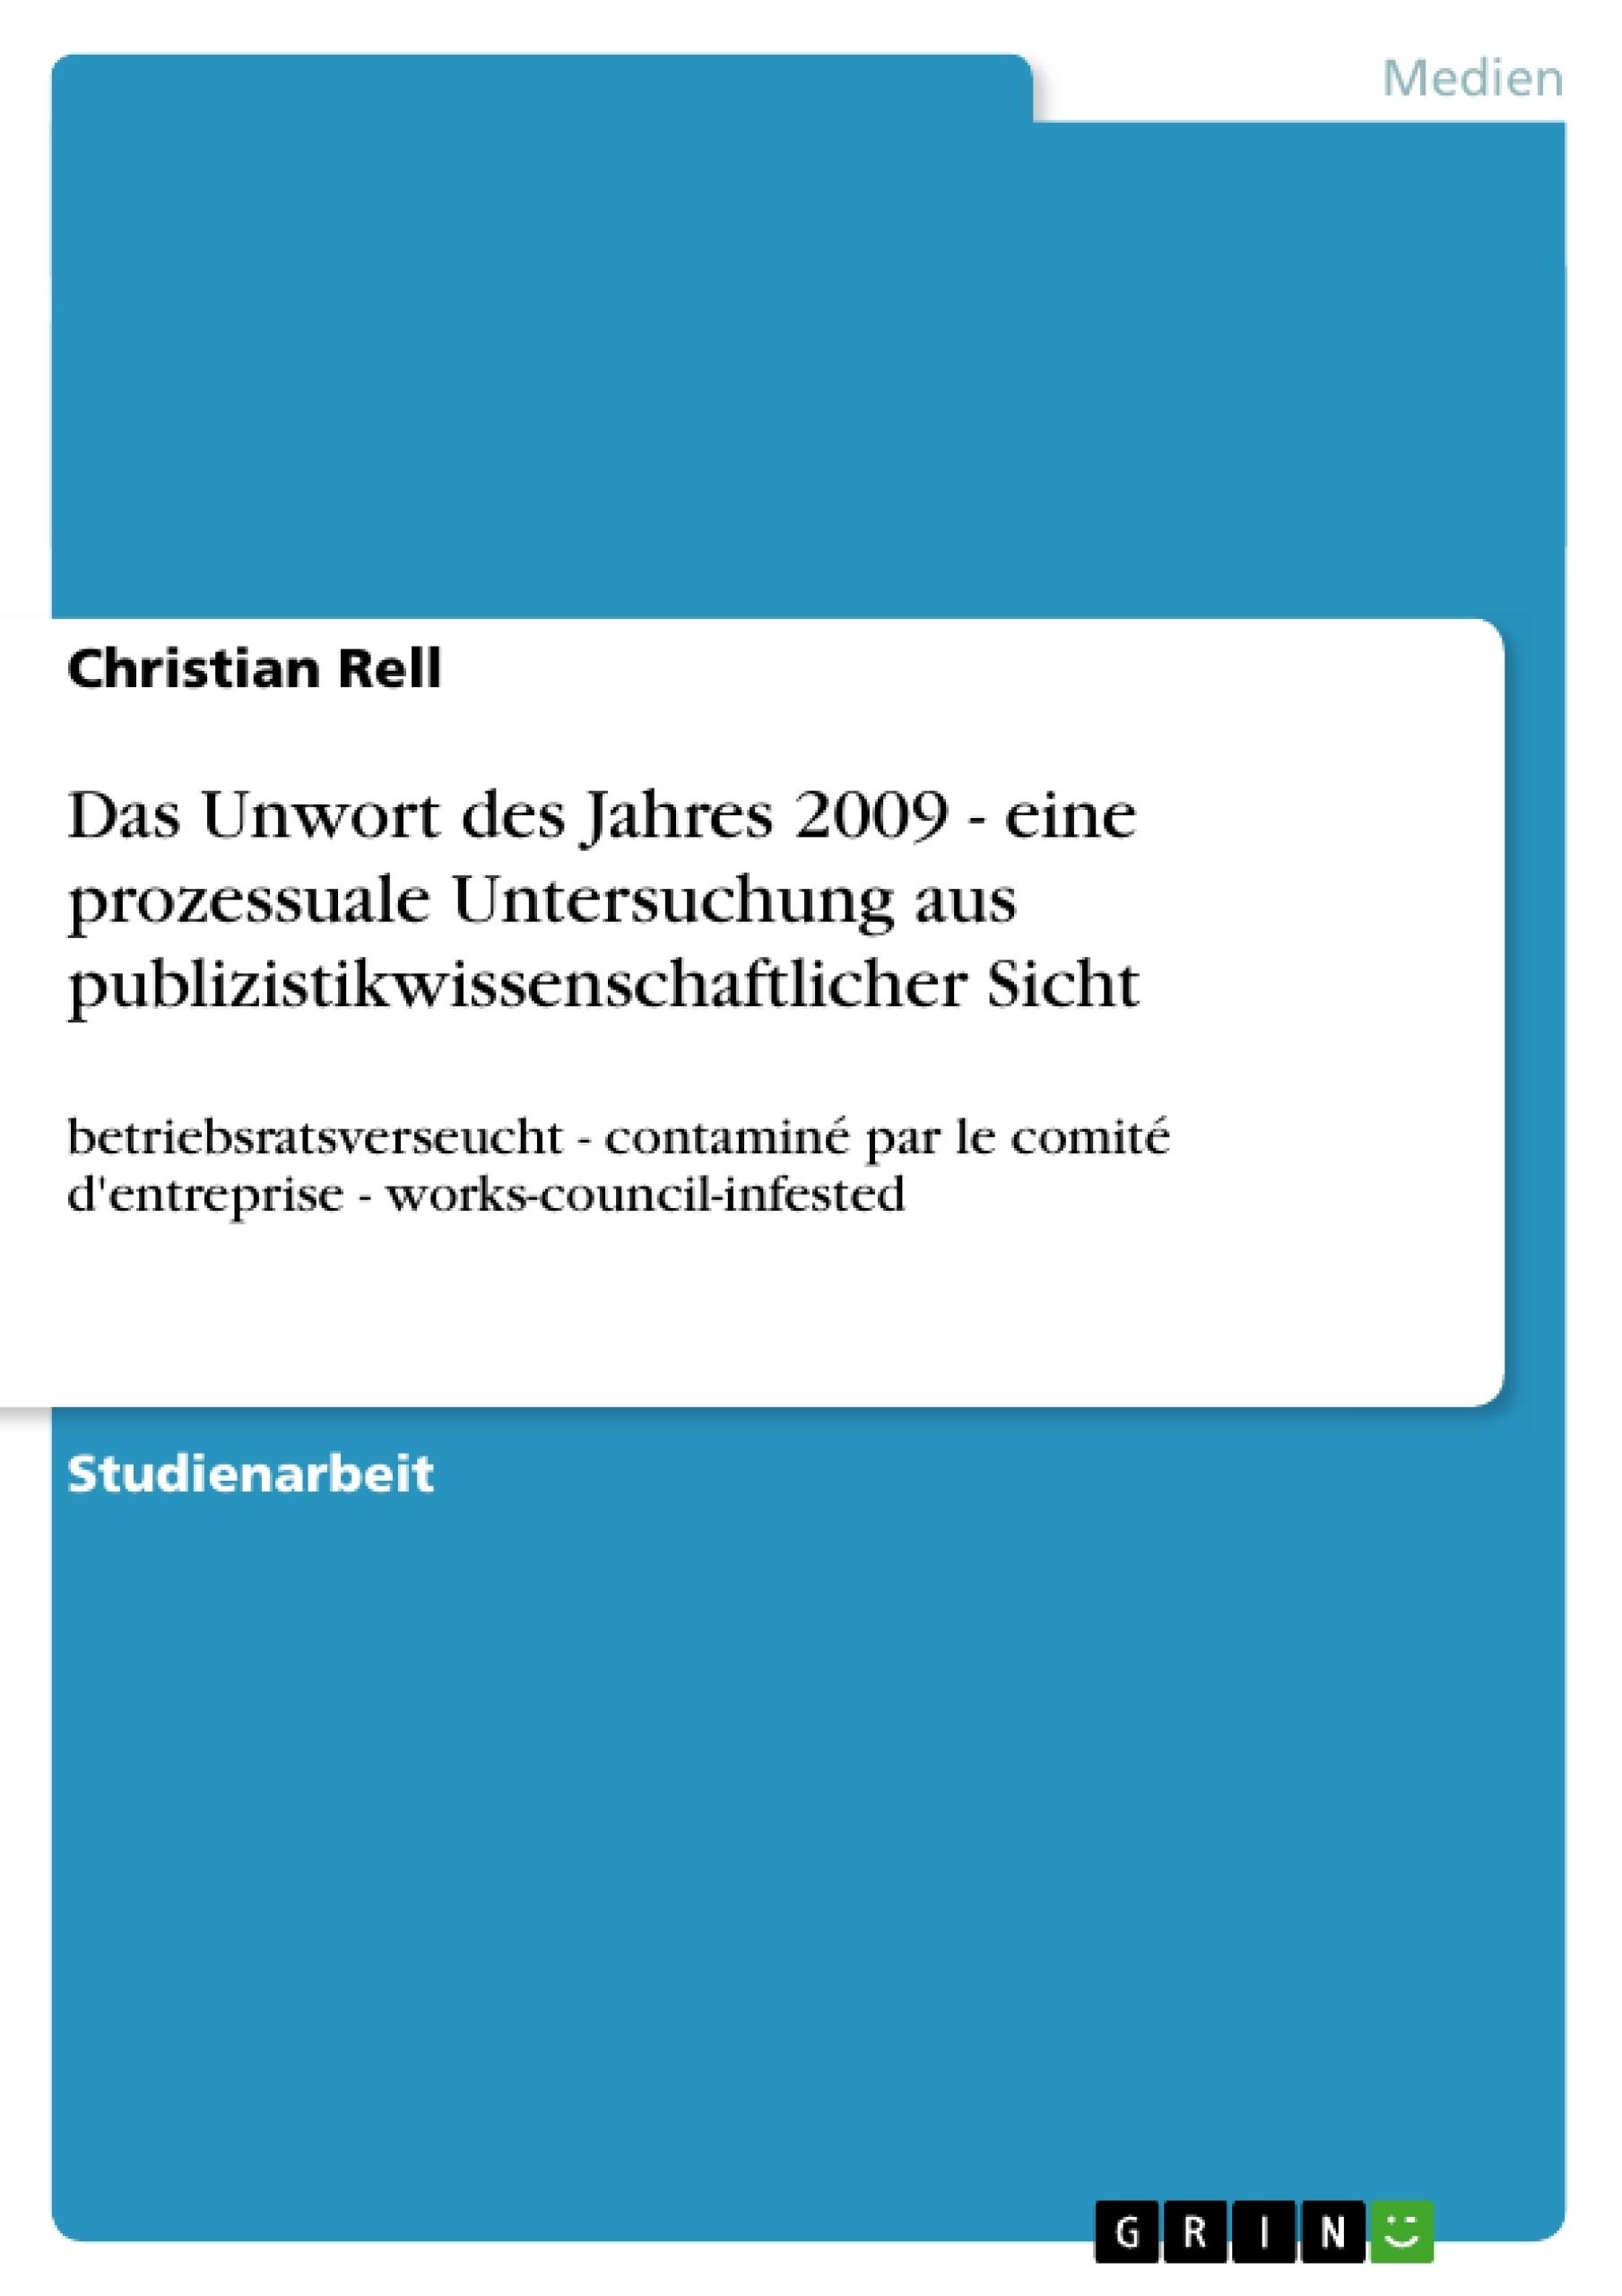 Titel: Das Unwort des Jahres 2009 - eine prozessuale Untersuchung aus publizistikwissenschaftlicher Sicht